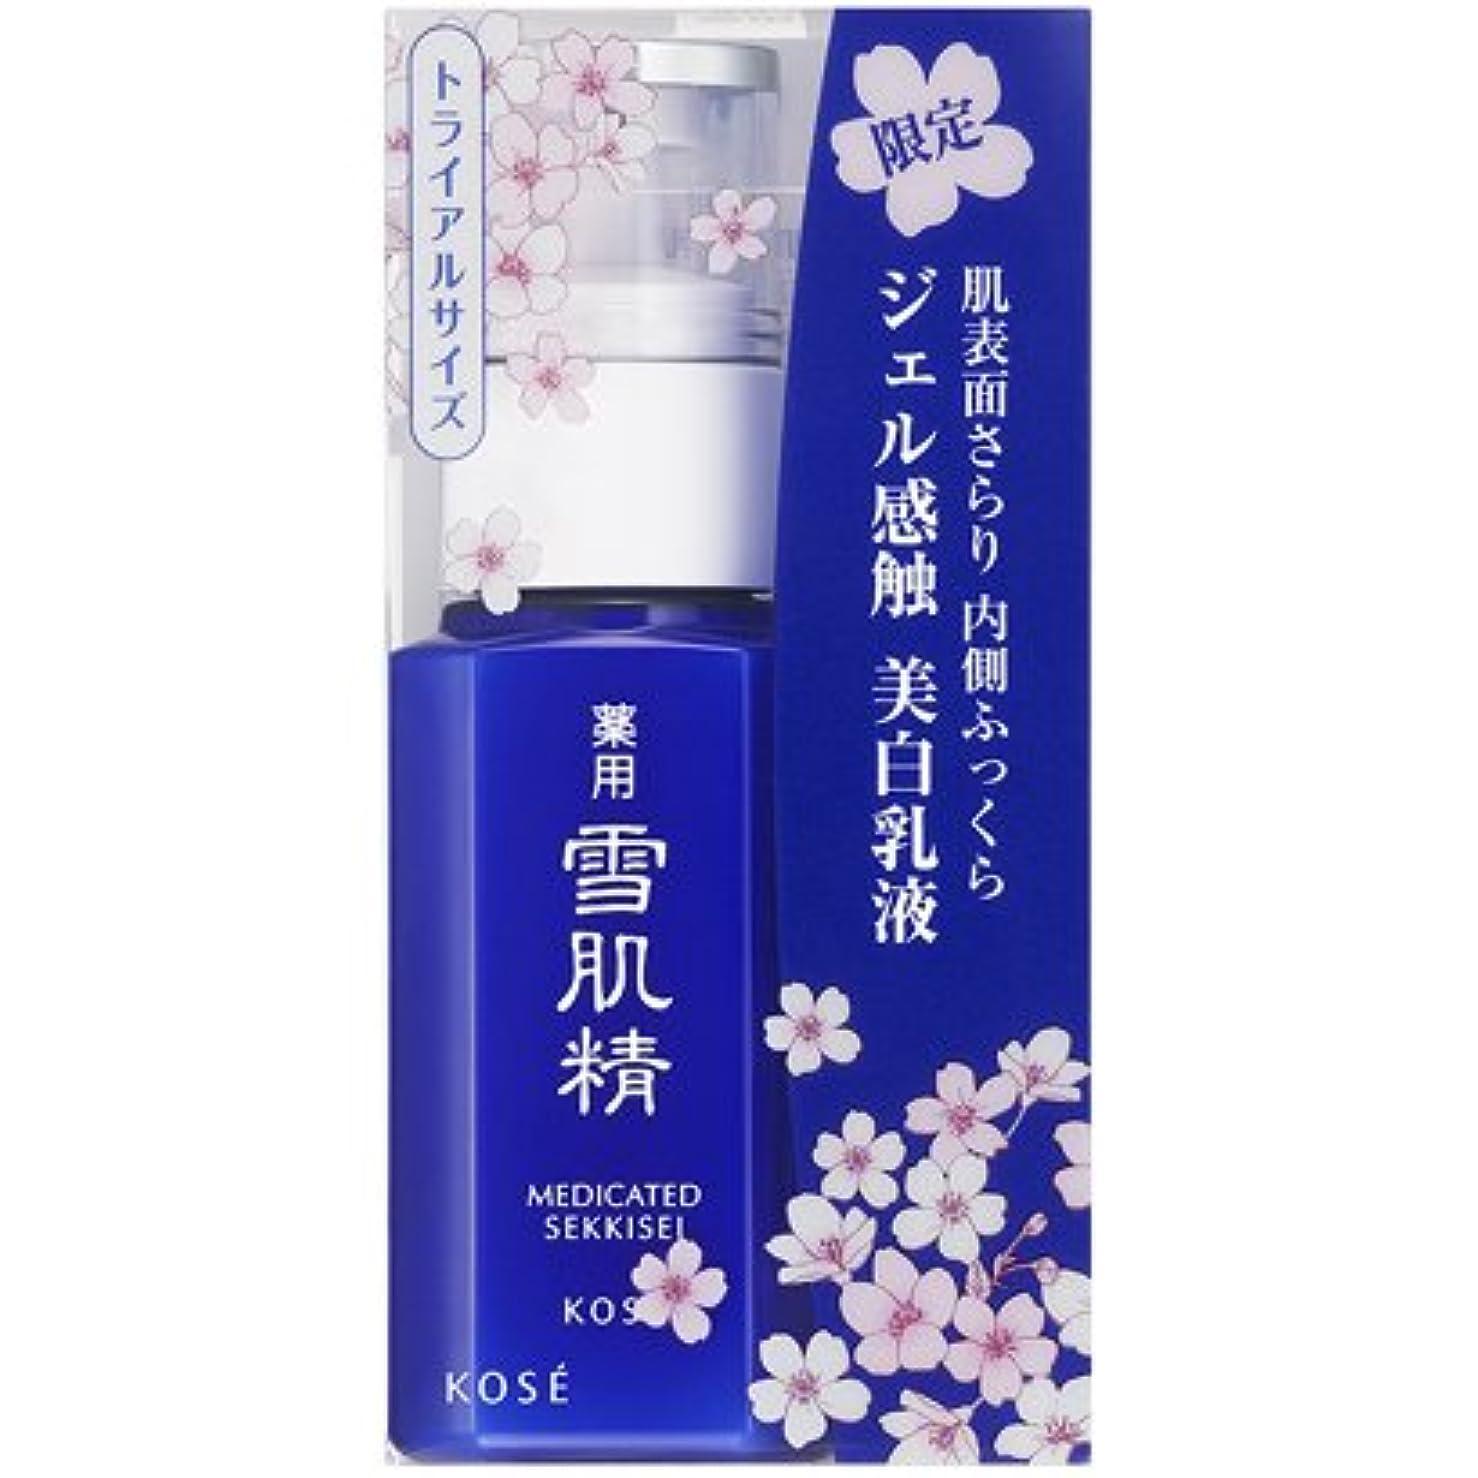 シェーバーラベル子供っぽいコーセー 薬用 雪肌精 乳液(ハーフサイズ) 【桜】 70mL